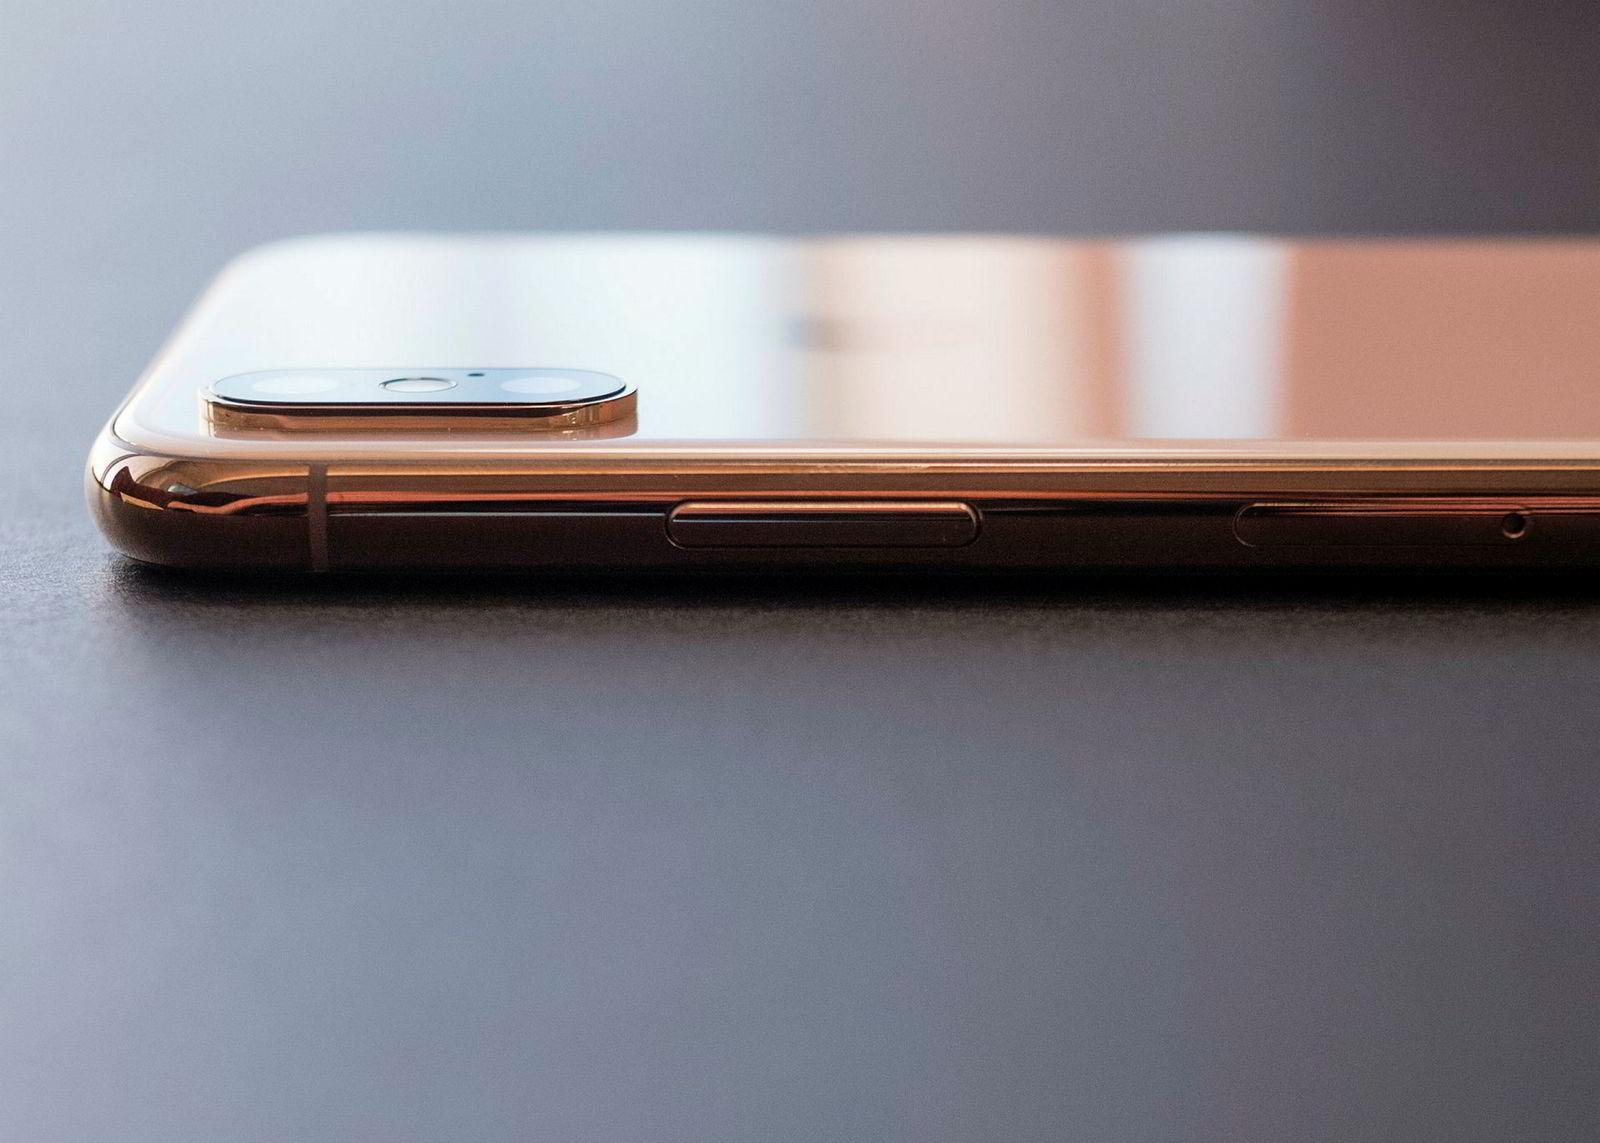 Kameraet stikker fortsatt en del ut, men vi liker den varme gløden fra stålrammen på gull-utgaven av Iphone XS.